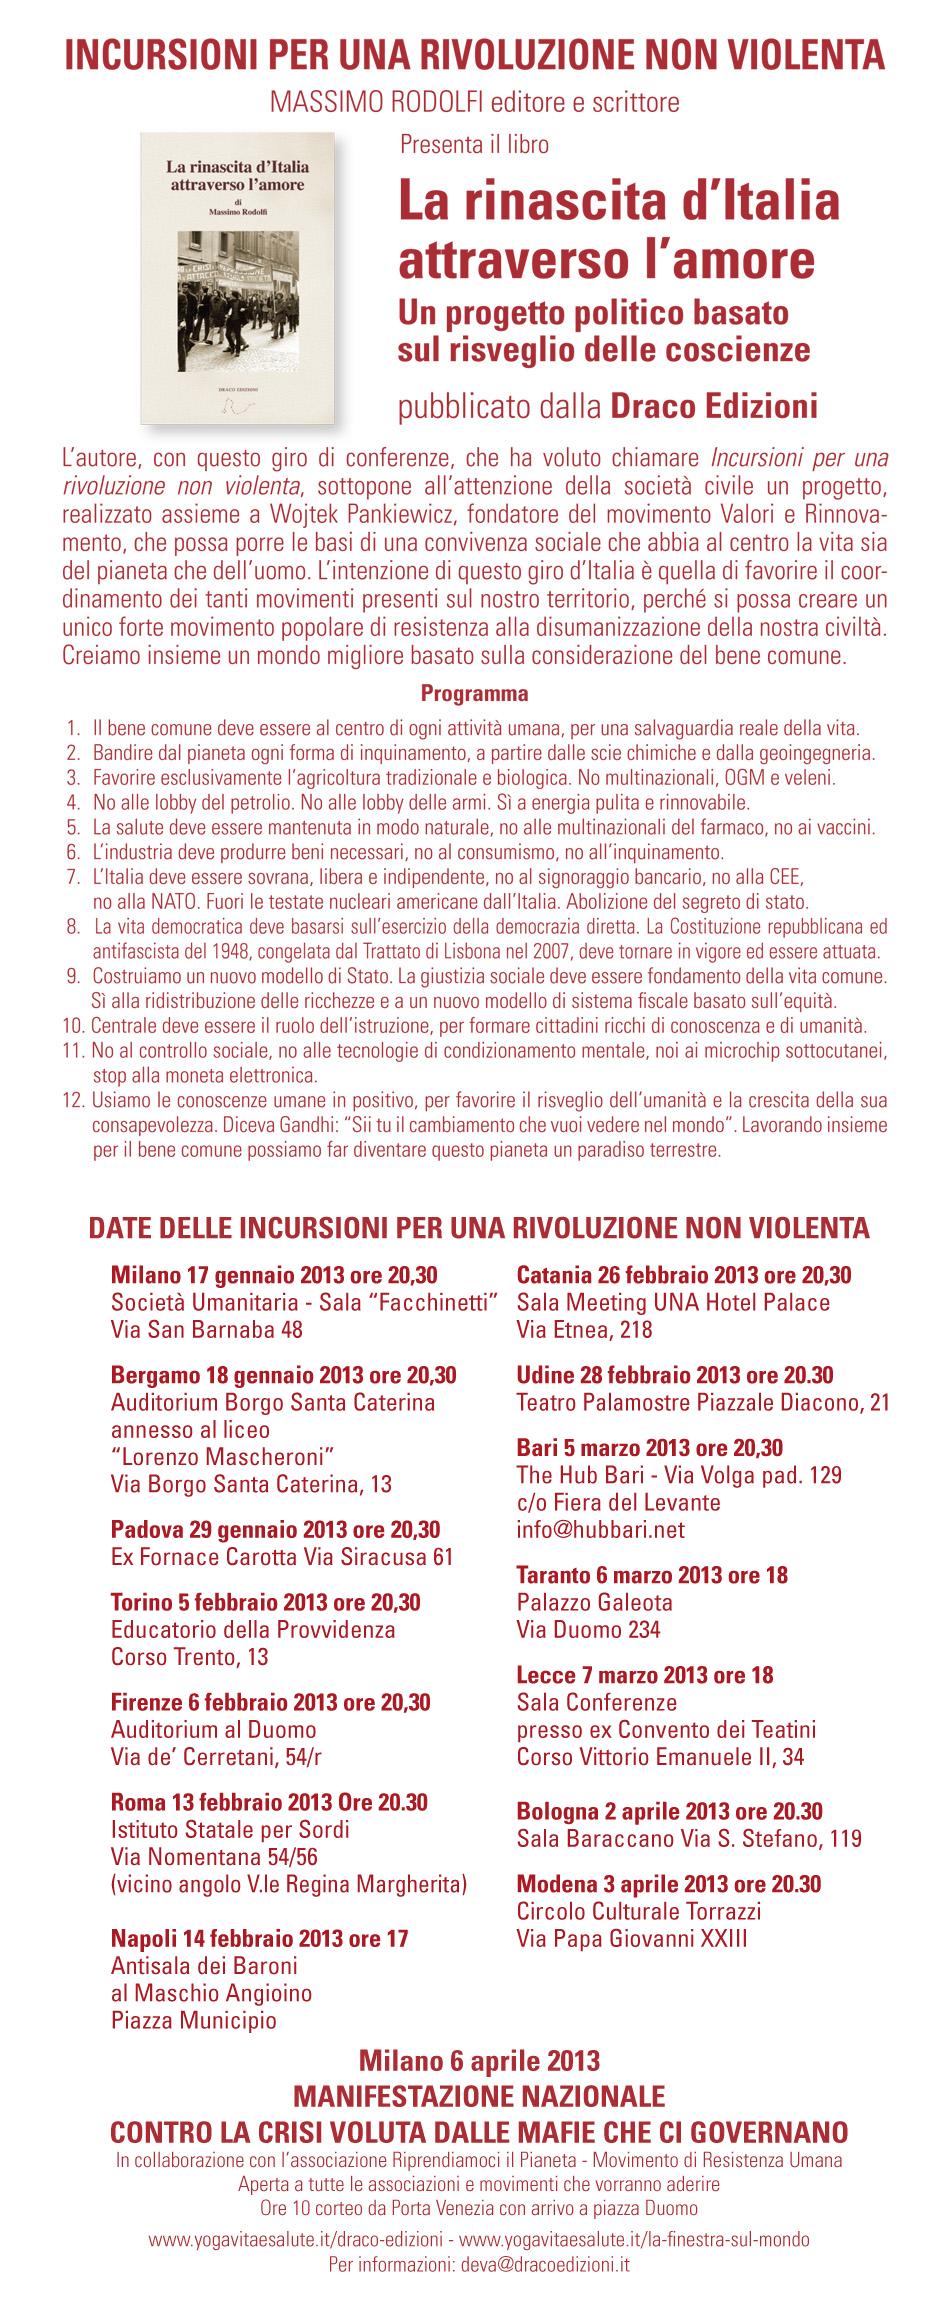 Locandina - Incursioni per una Rivoluzione Non Violenta